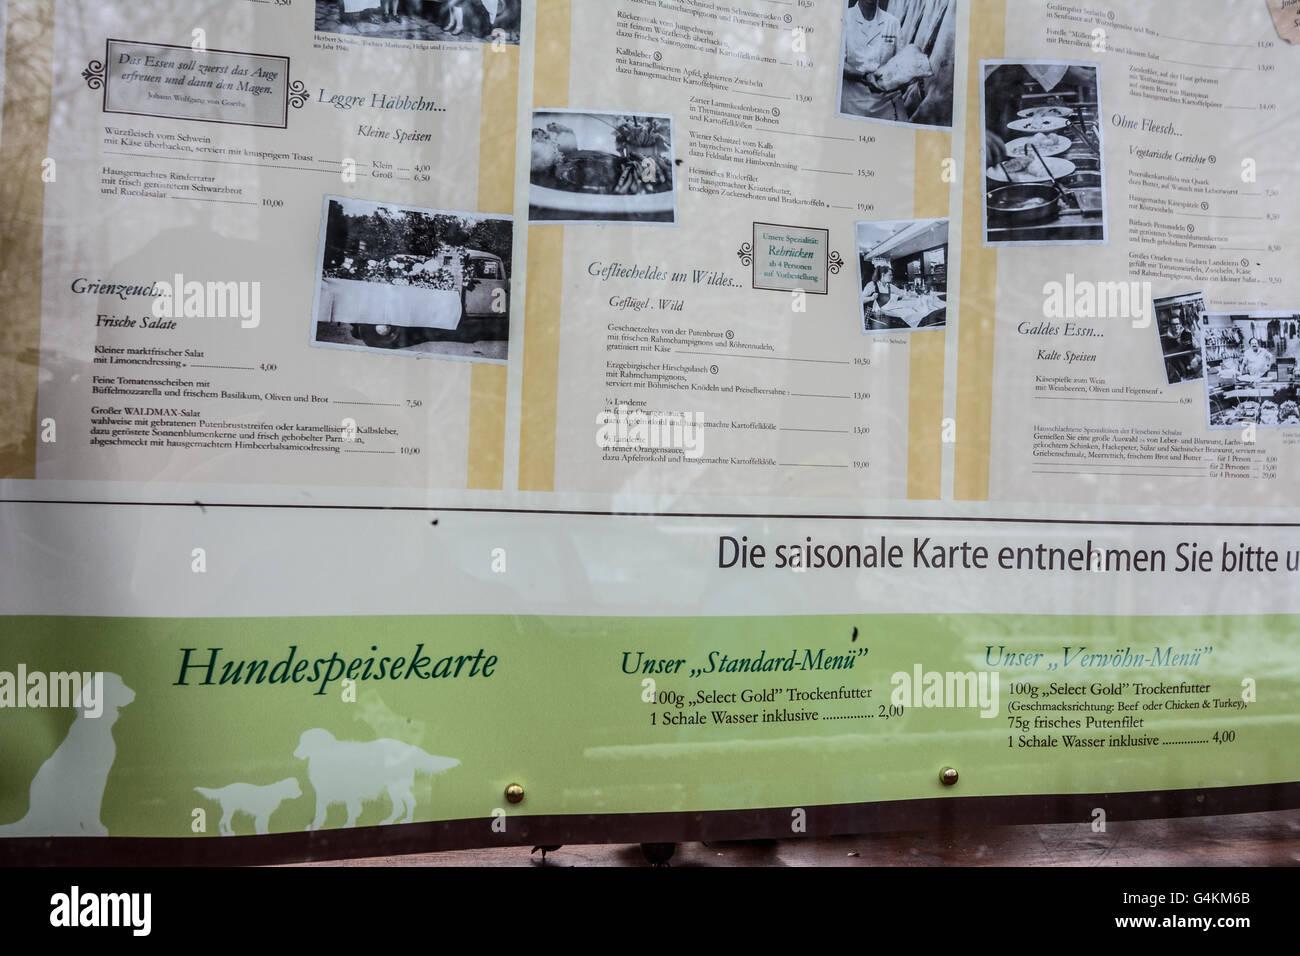 Cafe Neustadt Menu